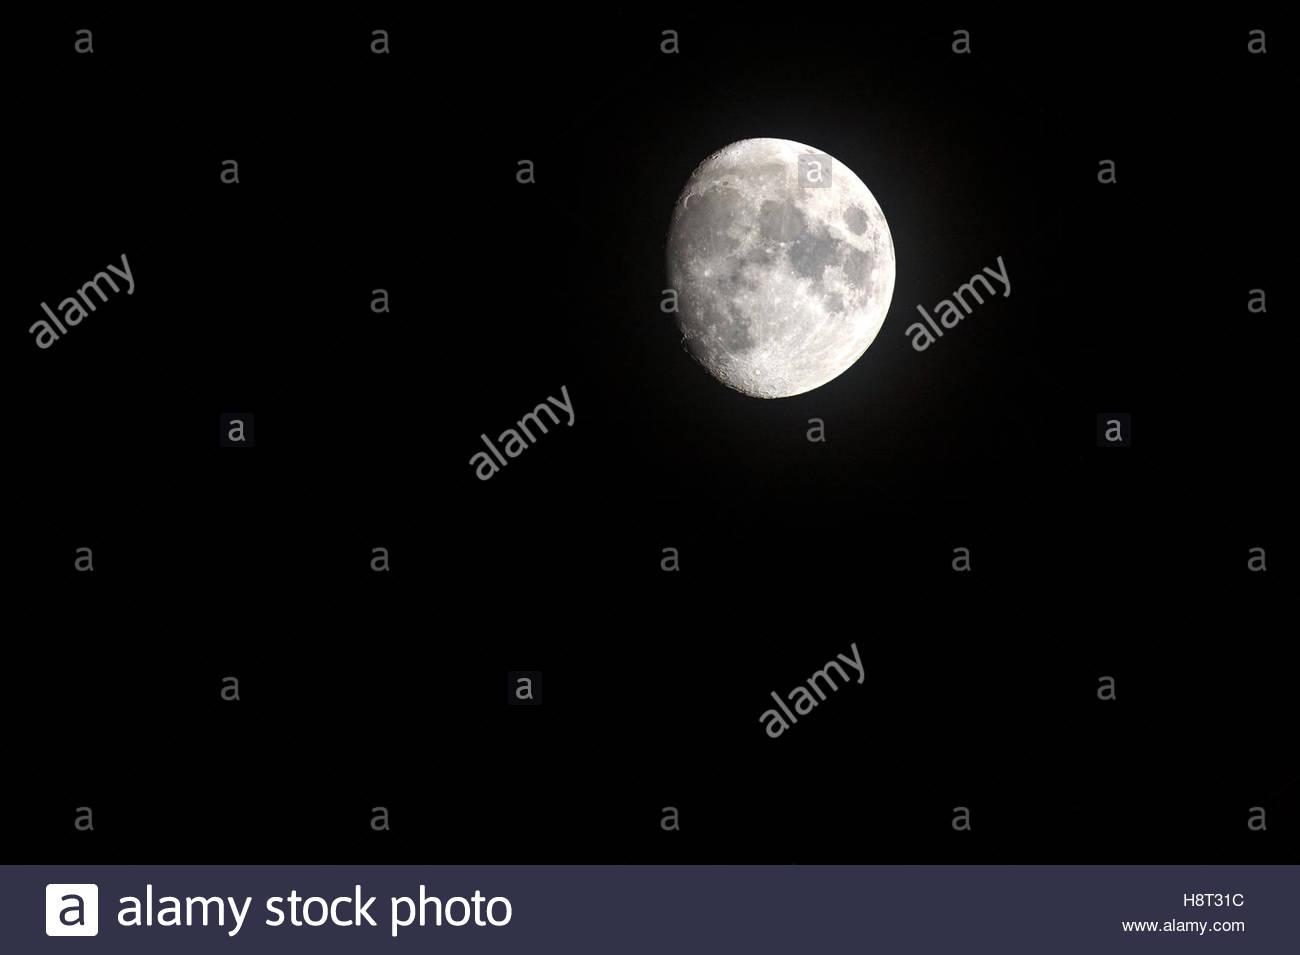 Drei Viertel Größe, Mond, zeigt Mondlandschaften. Stockbild